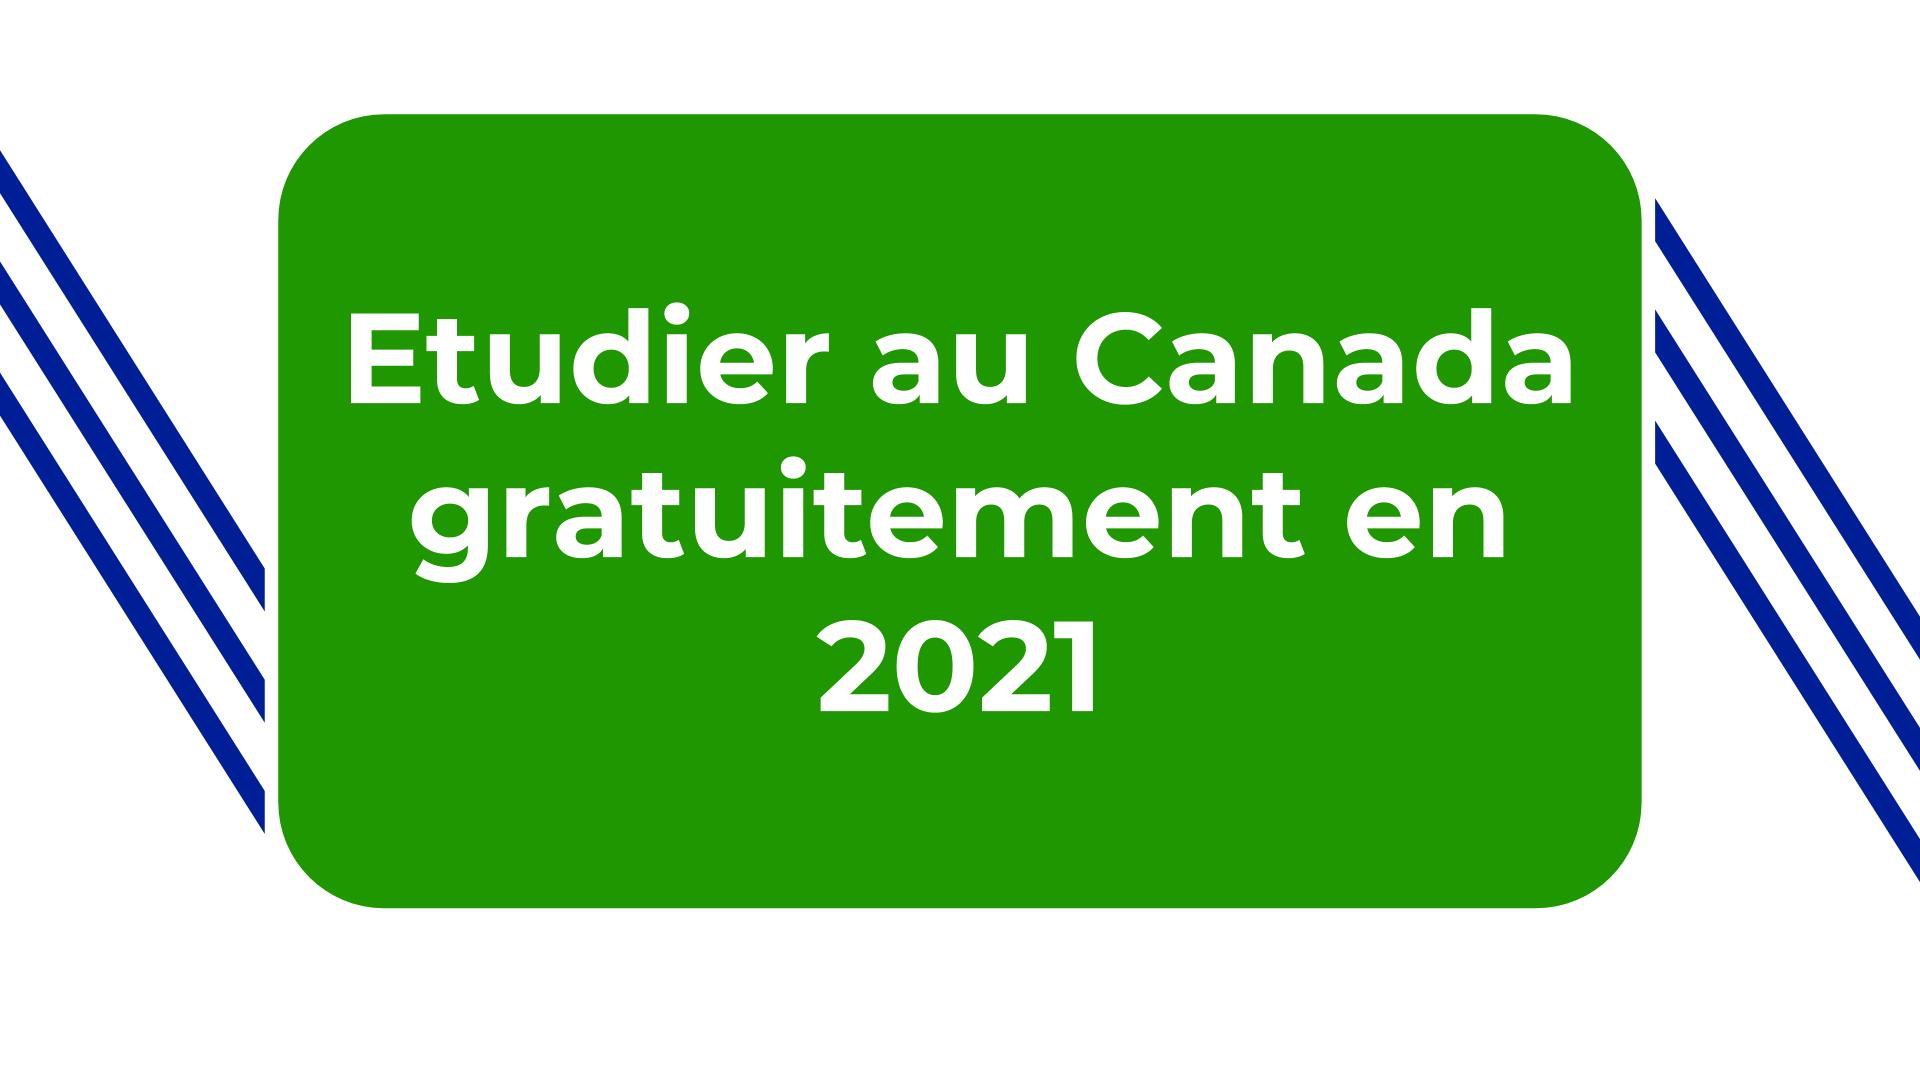 Etudier au Canada gratuitement